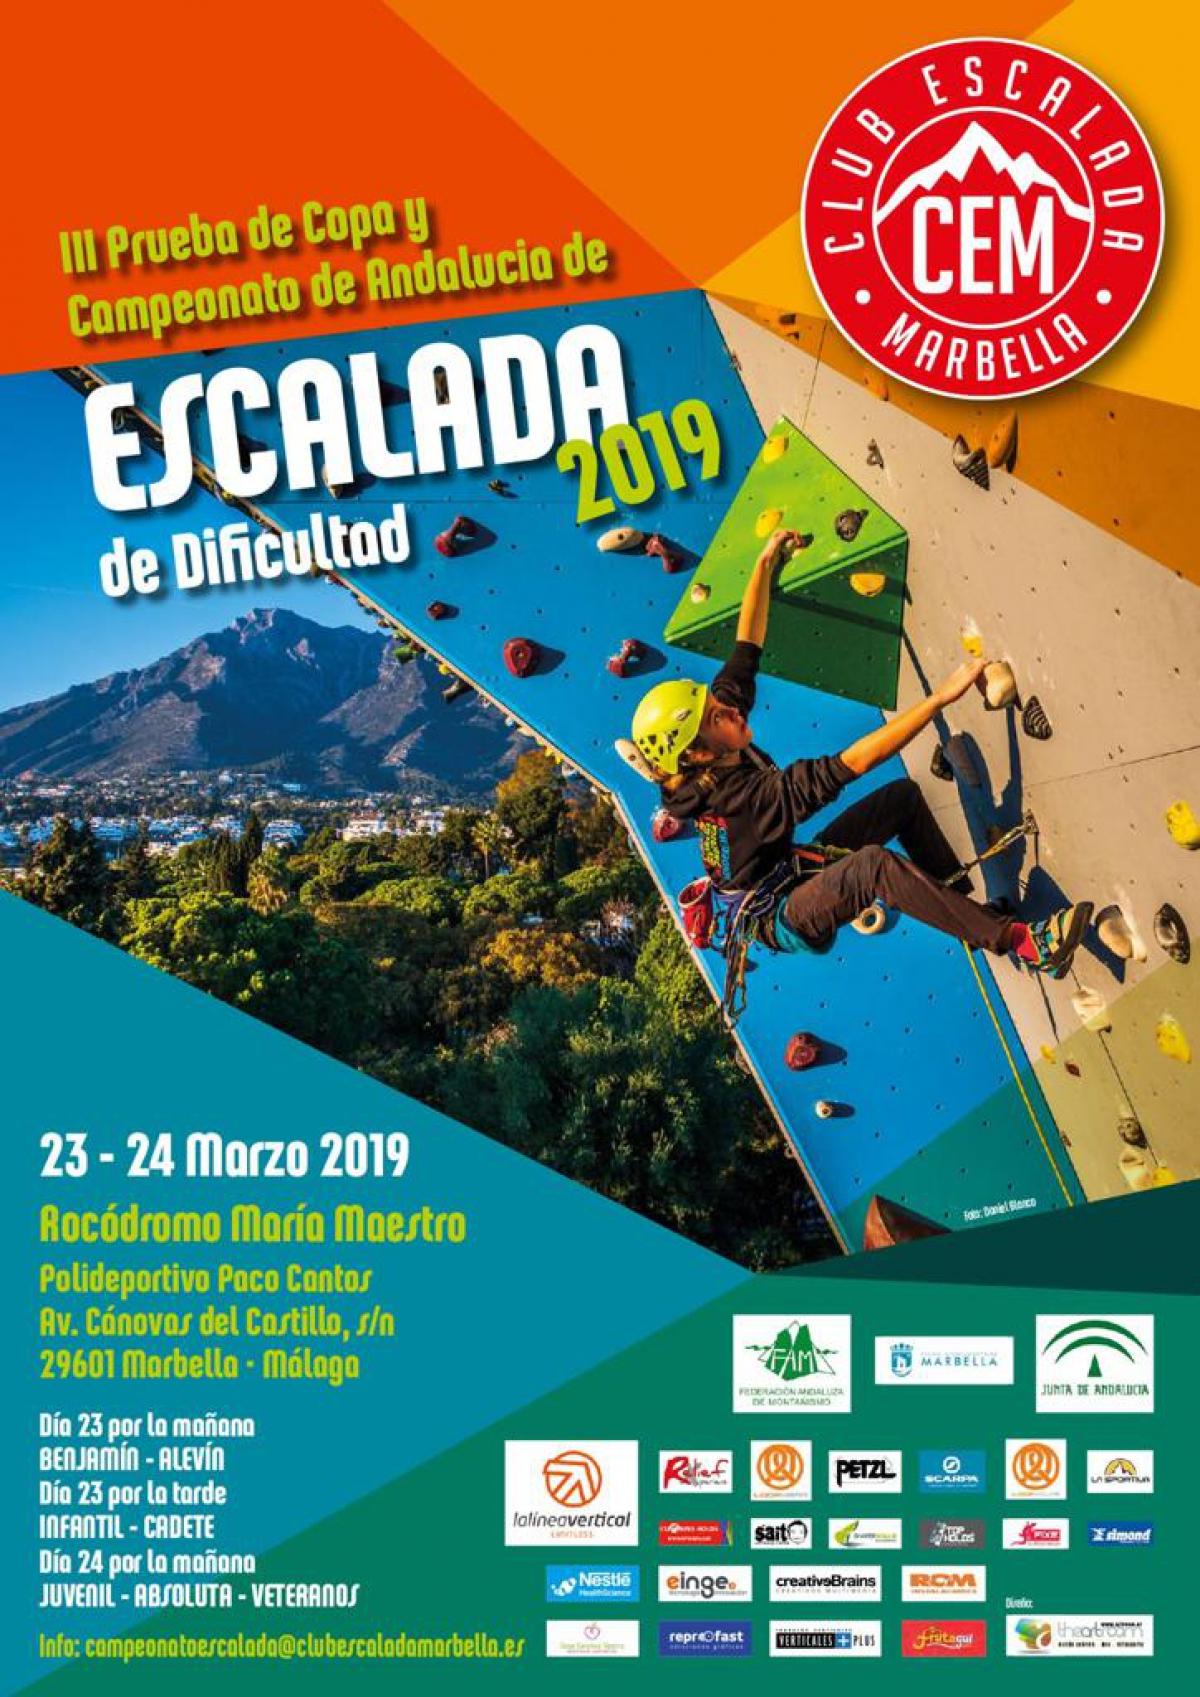 El Rocódromo María Maestro del Polideportivo Paco Cantos acoge este fin de semana la III Prueba de Copa y Campeonato de Andalucía de Escalada de Dificultad 2019